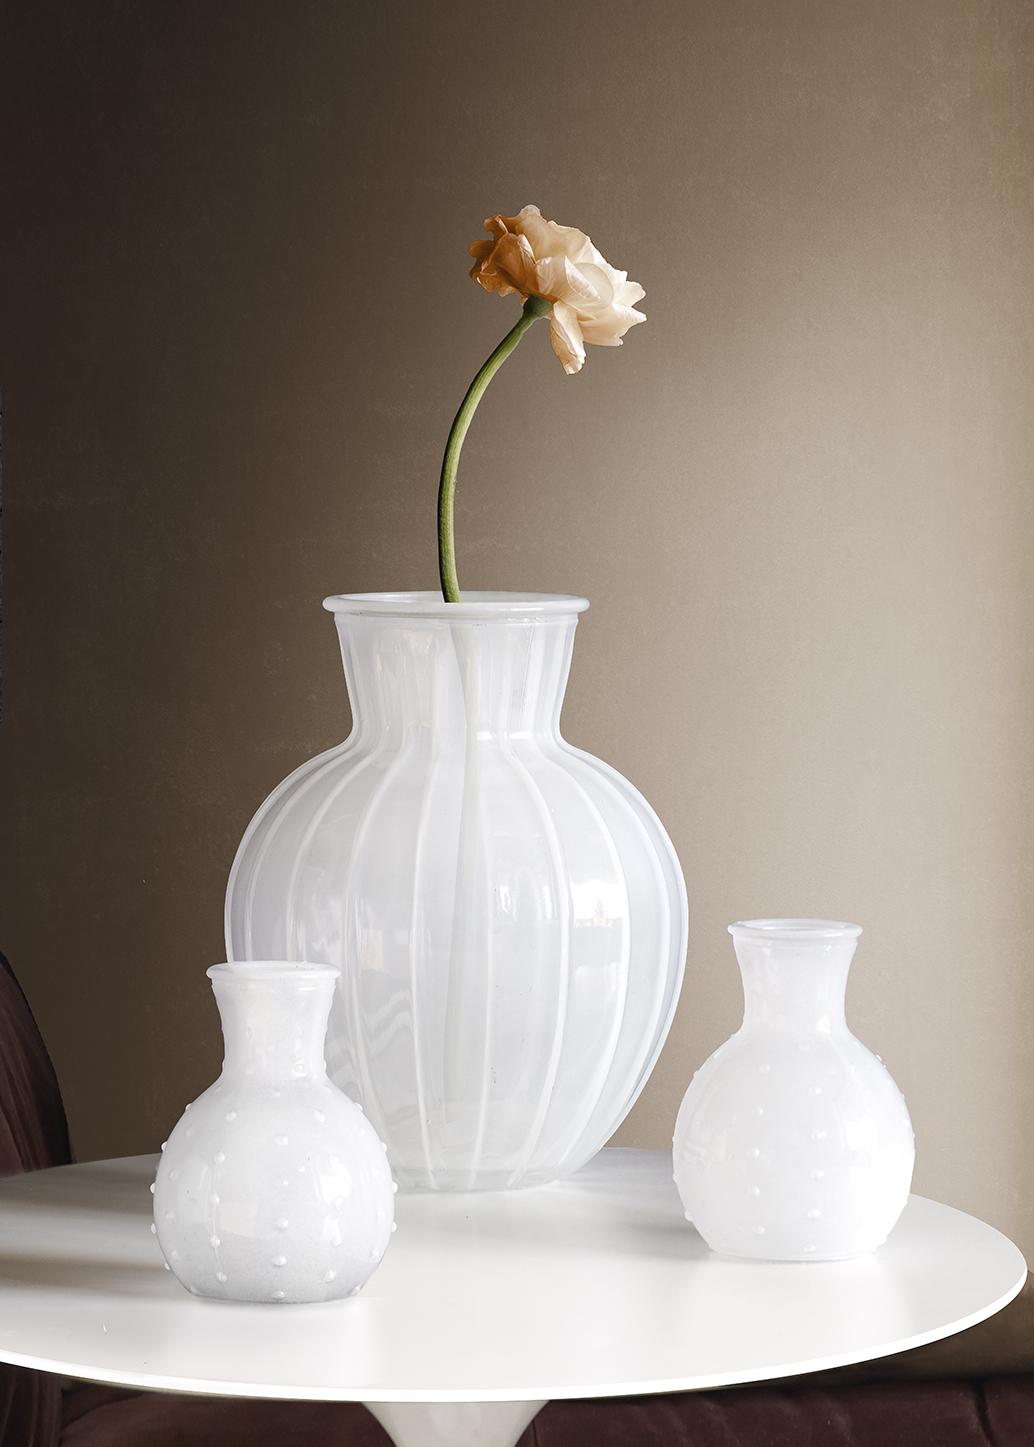 Vas White Lily mini